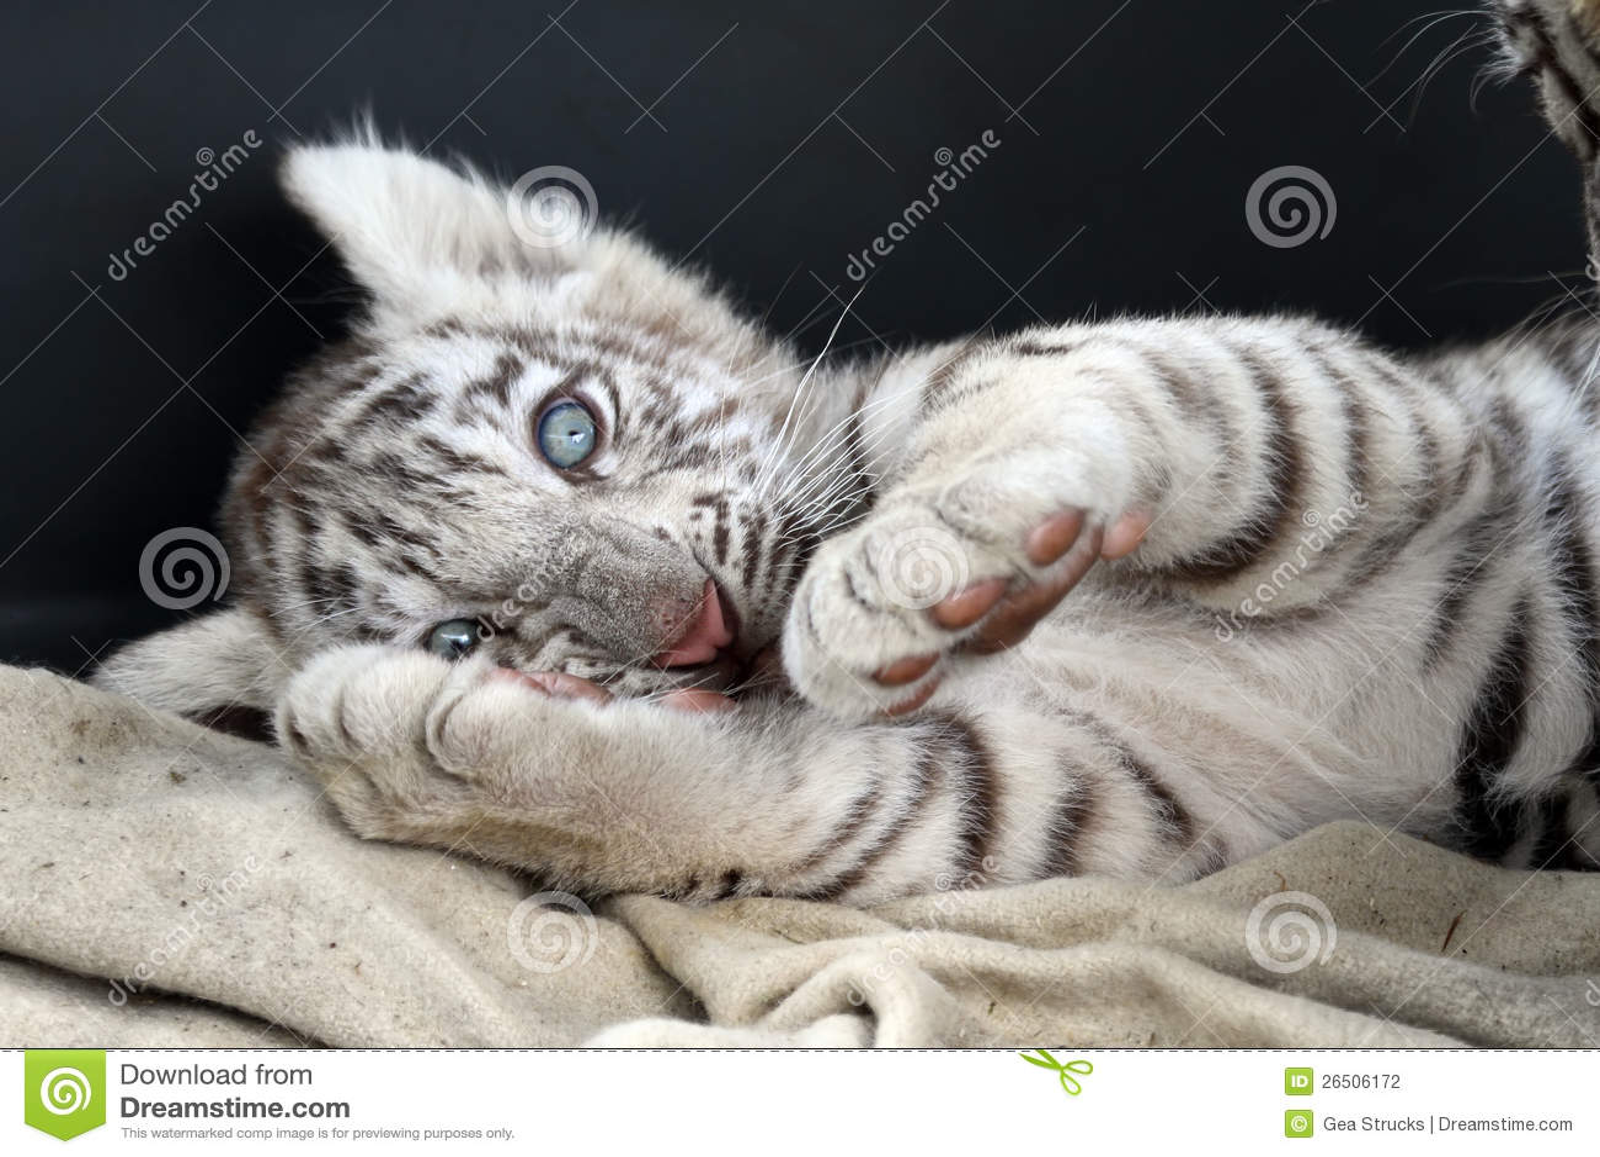 tigre de bengala blanco bebe images. Black Bedroom Furniture Sets. Home Design Ideas